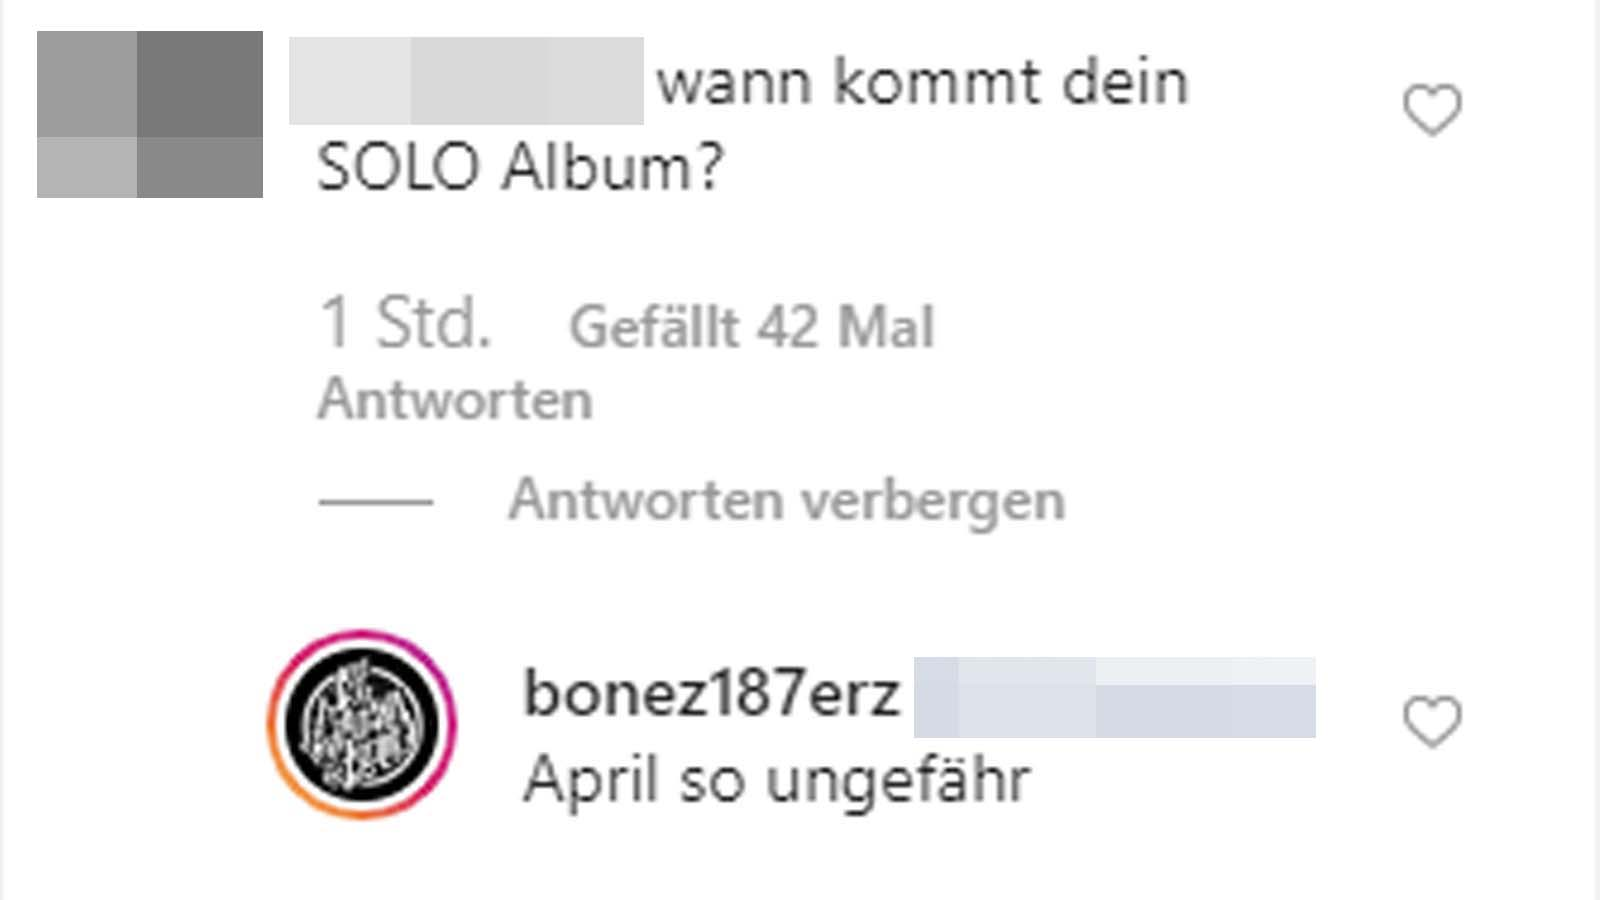 Bonez MC stellt sein nächstes Soloalbum für April 2020 in Aussicht